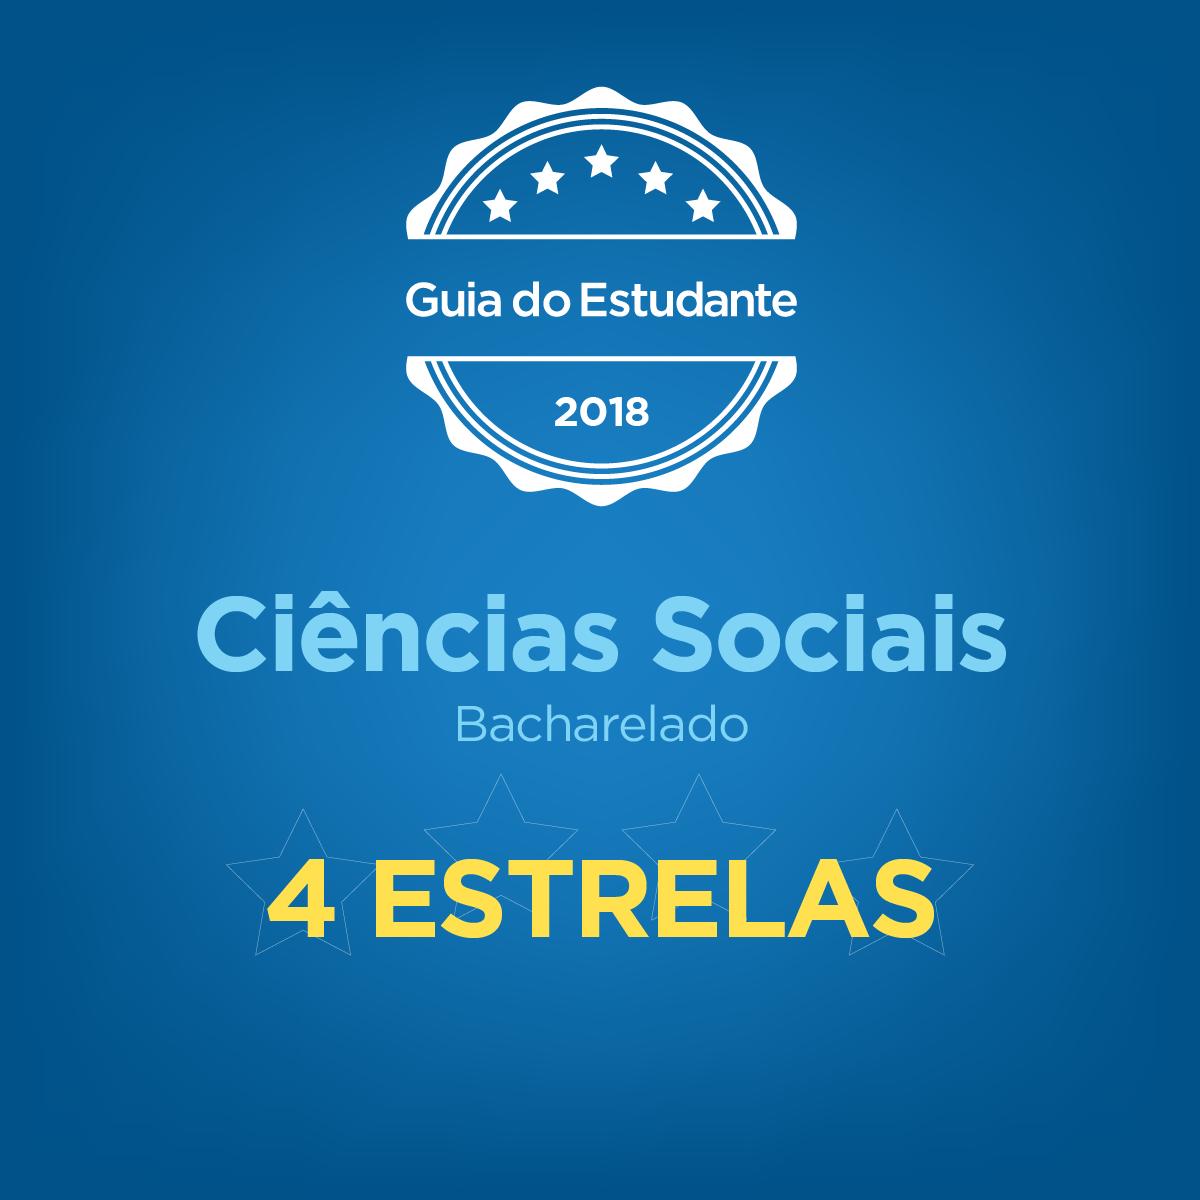 guia-estudante-ciencias_sociais